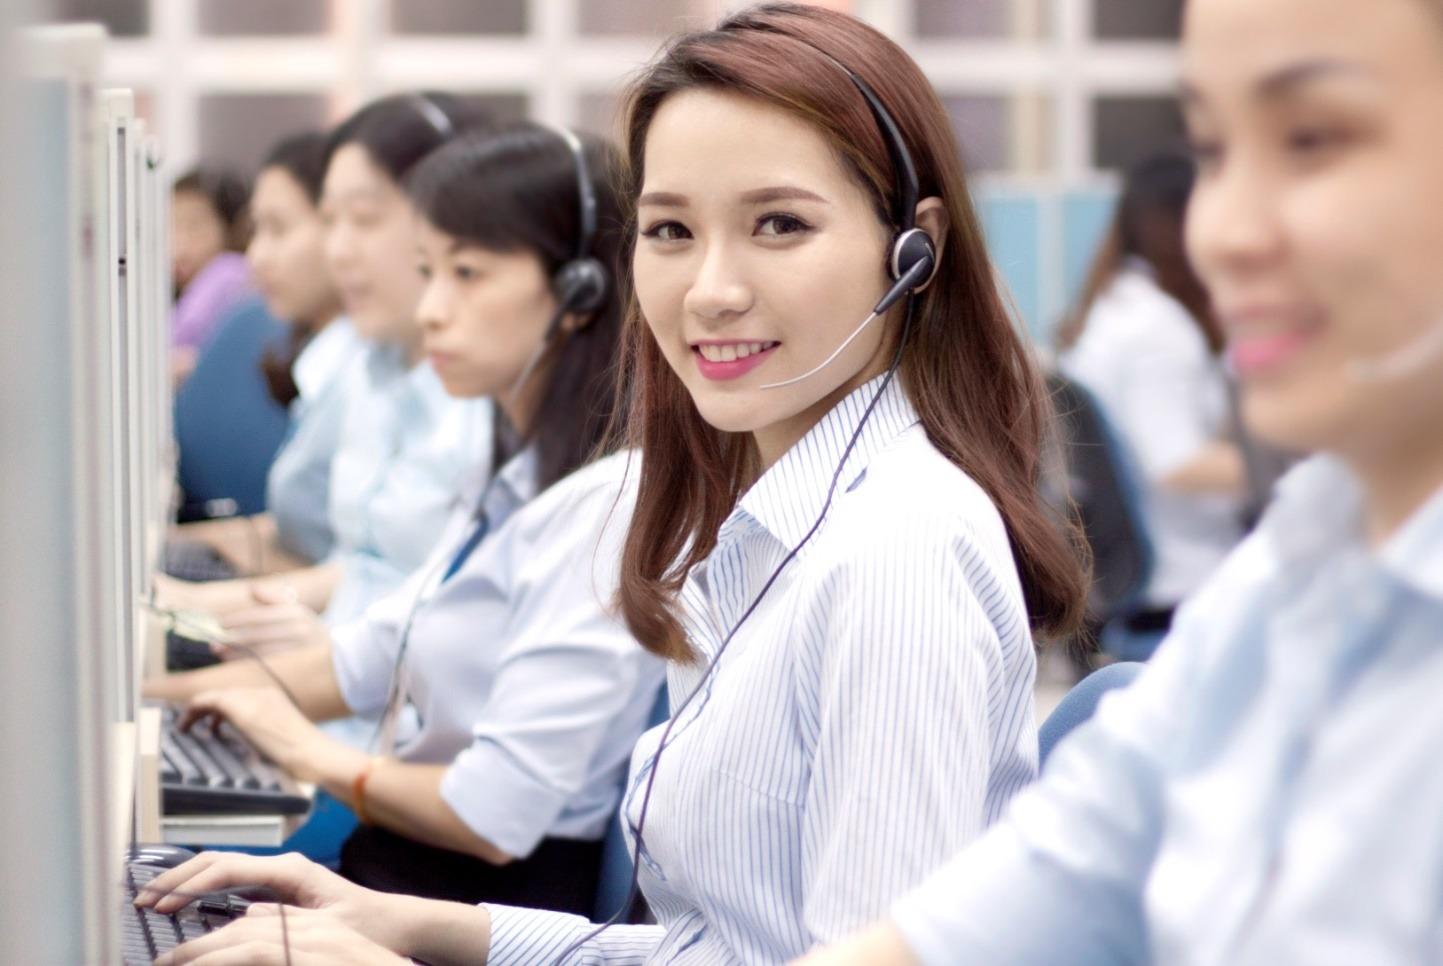 hinh1-cac-so-ngan-hang-agribank-can-phai-biet-khi-gap-su-co